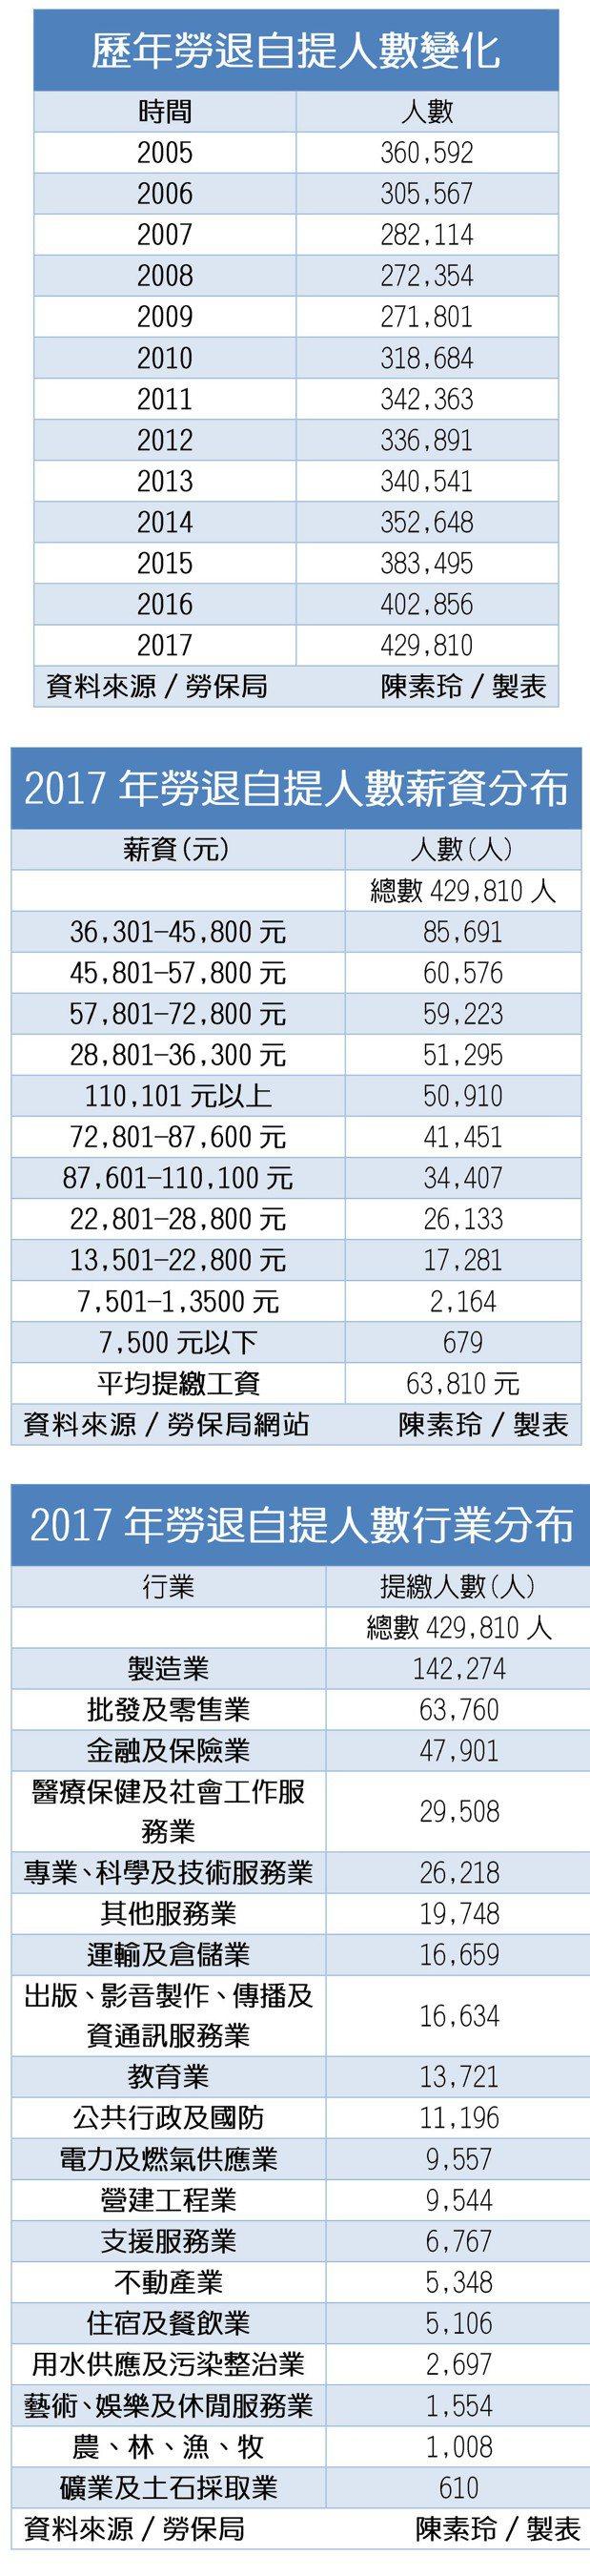 資料來源:勞保局網站